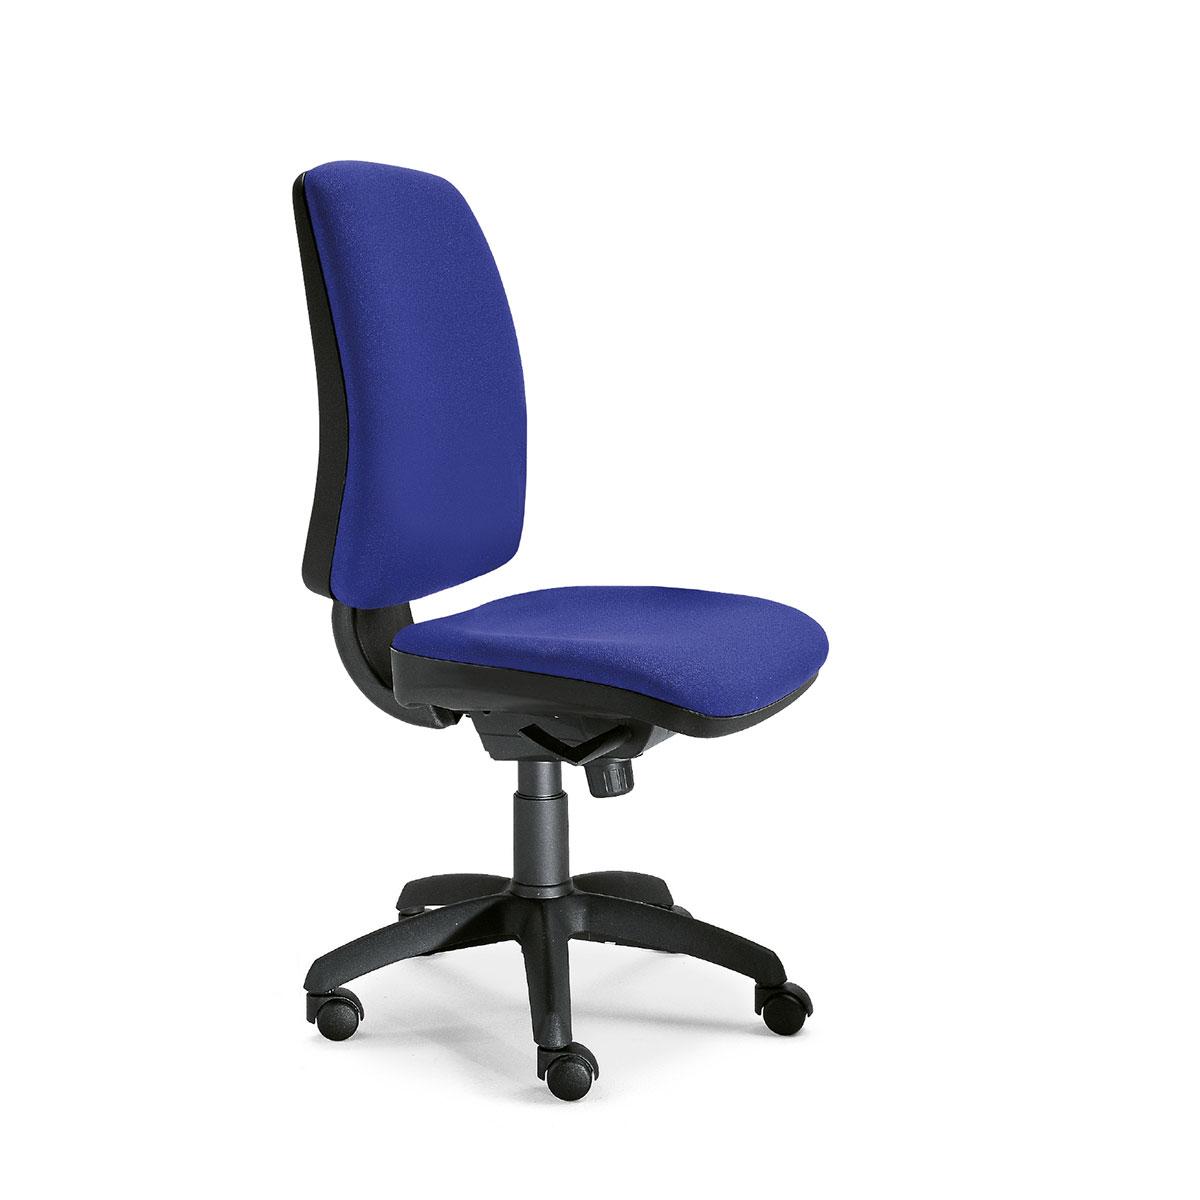 Galassia systeme sillas operativas de alta calidad for Sillas de trabajo